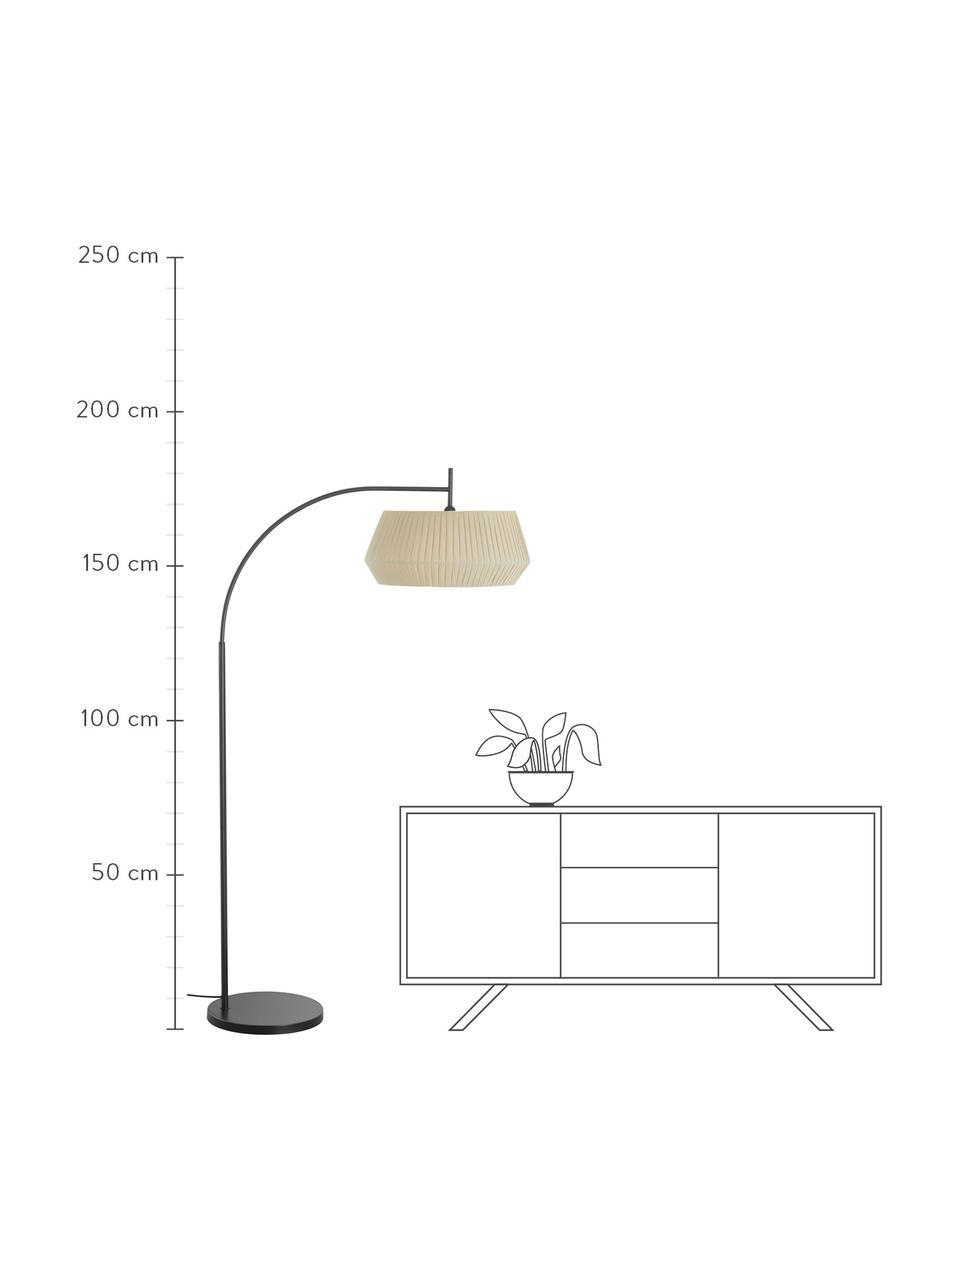 Grote booglamp Dicte van geplooide stof, Lampenkap: stof, Lampvoet: gecoat metaal, Beige, zwart, 104 x 180 cm